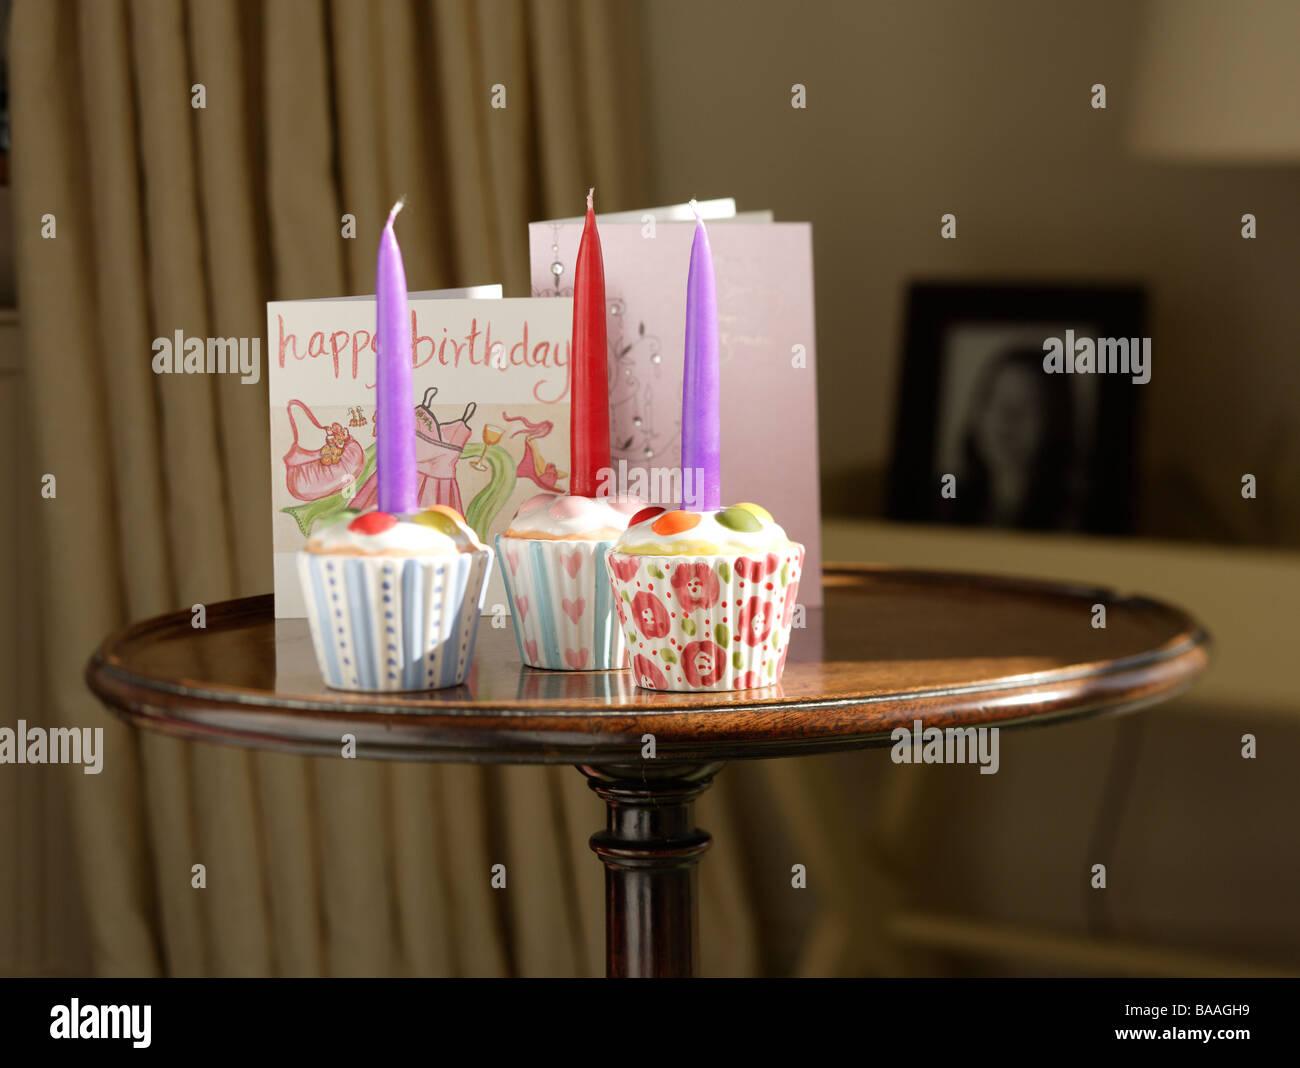 Birthday Cards Stockfotos & Birthday Cards Bilder - Alamy